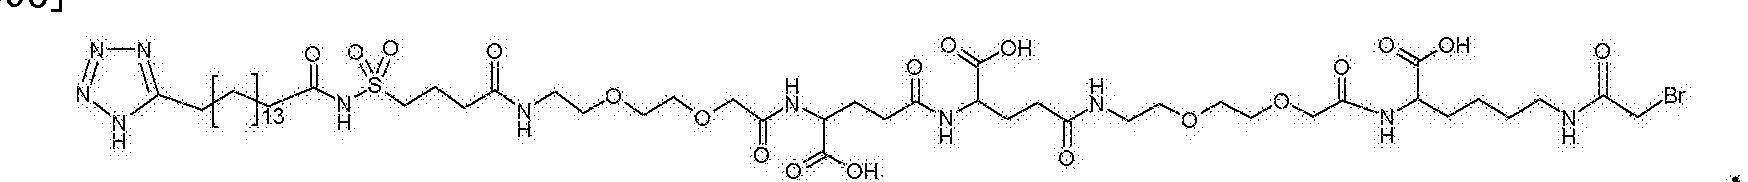 Figure CN103002918BD01132